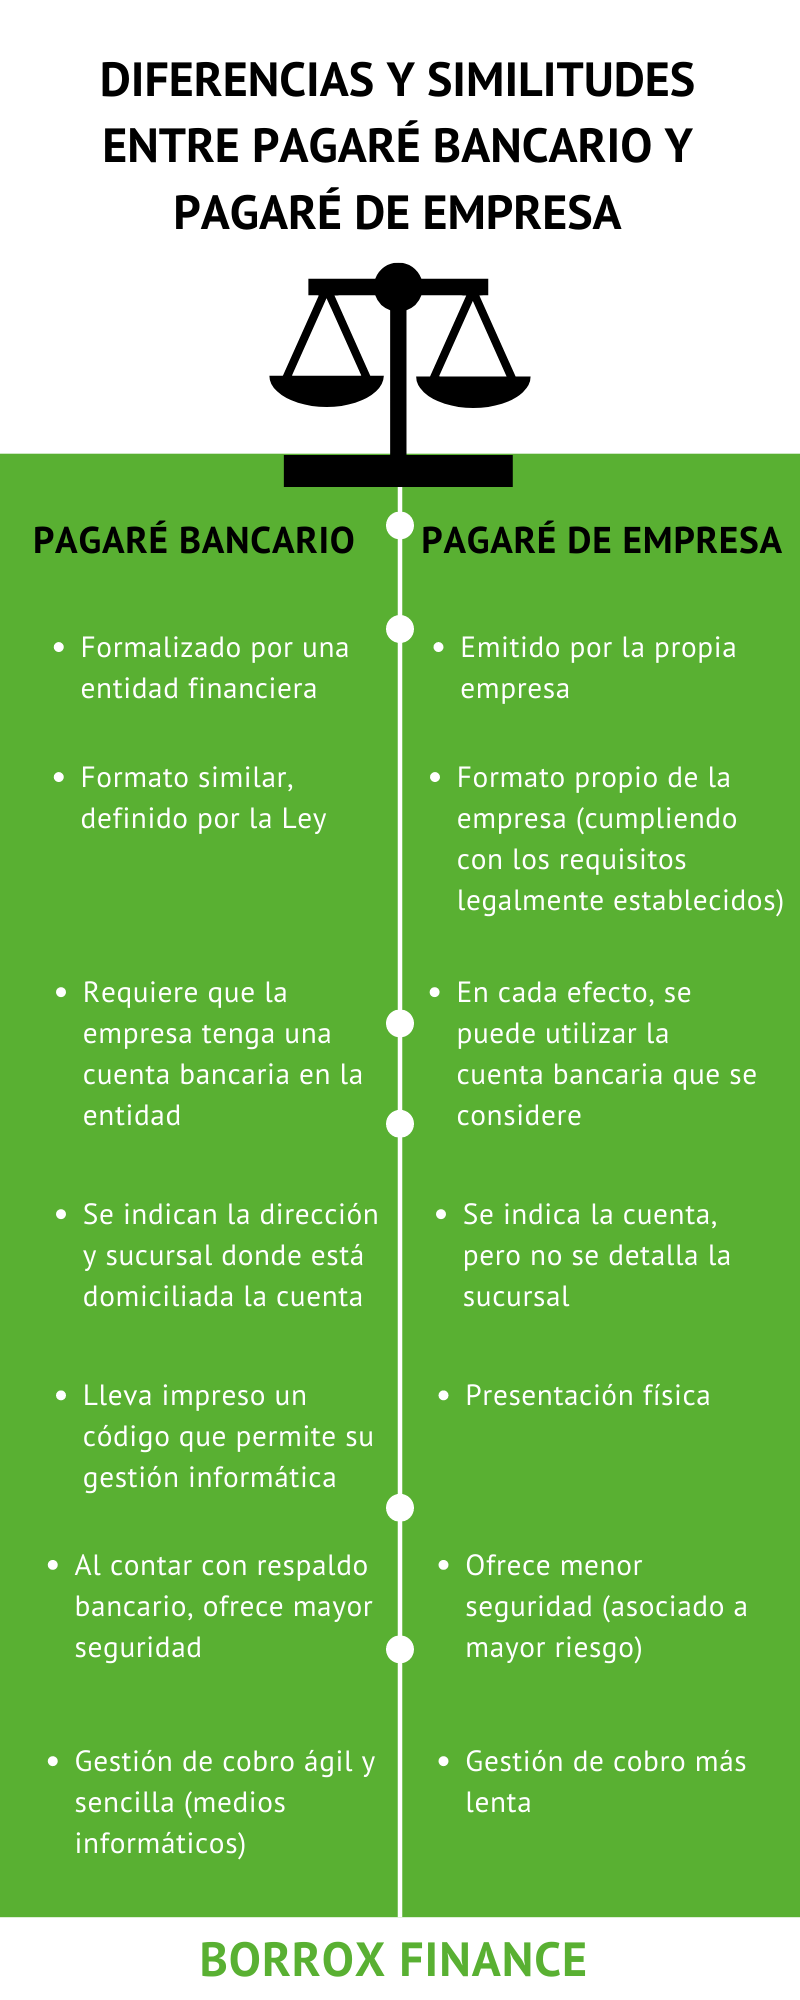 Diferencias y similitudes entre el pagaré bancario y el pagaré de no bancario